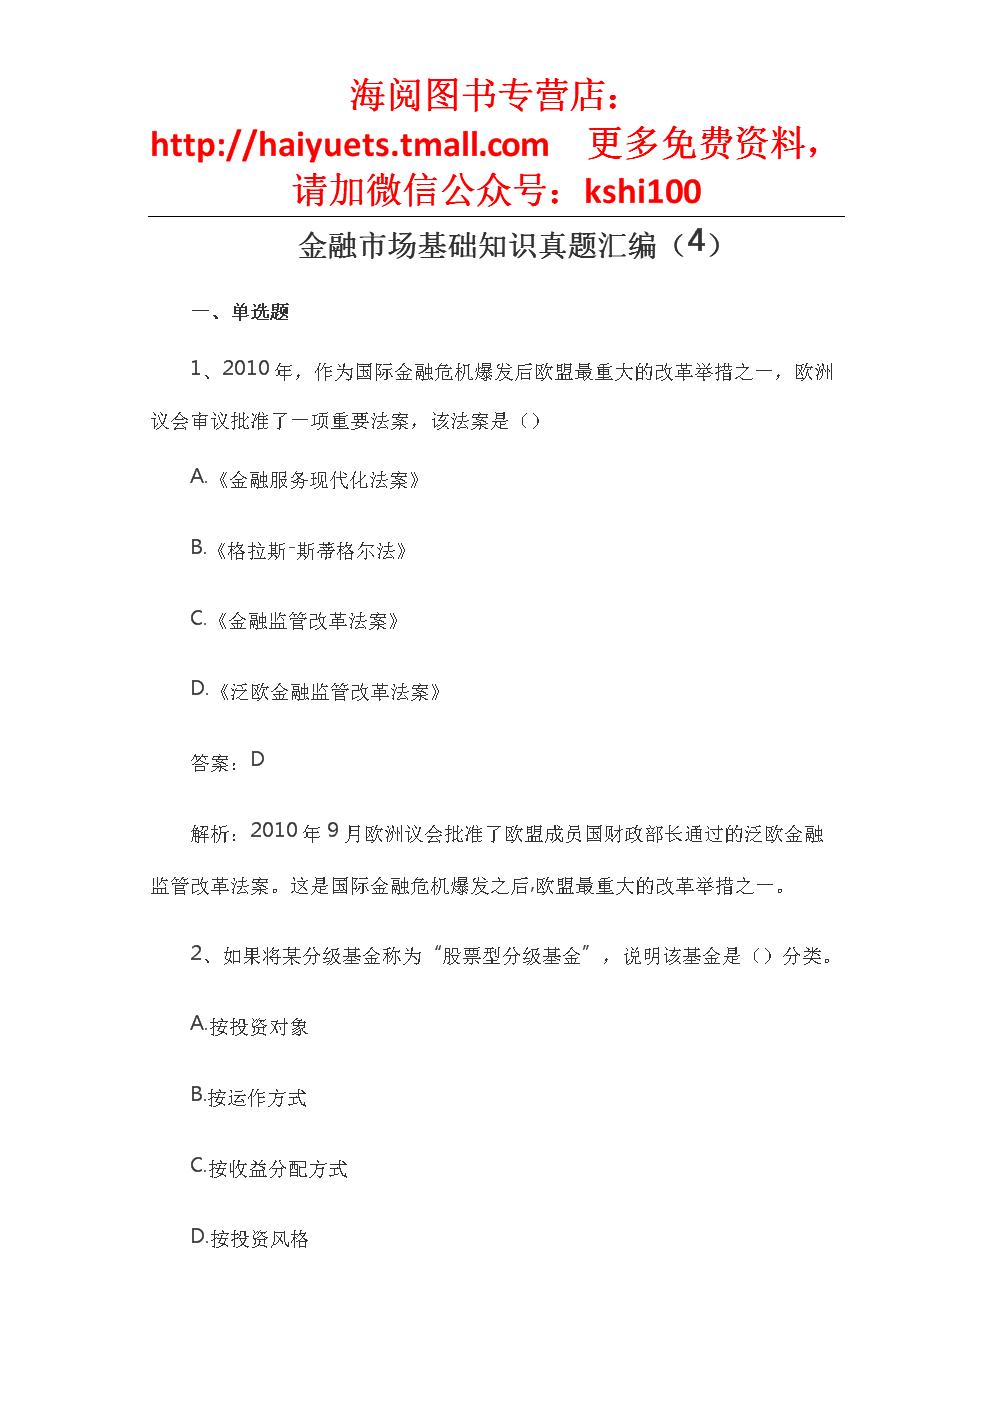 金融市场基础知识真题汇编 (4).docx